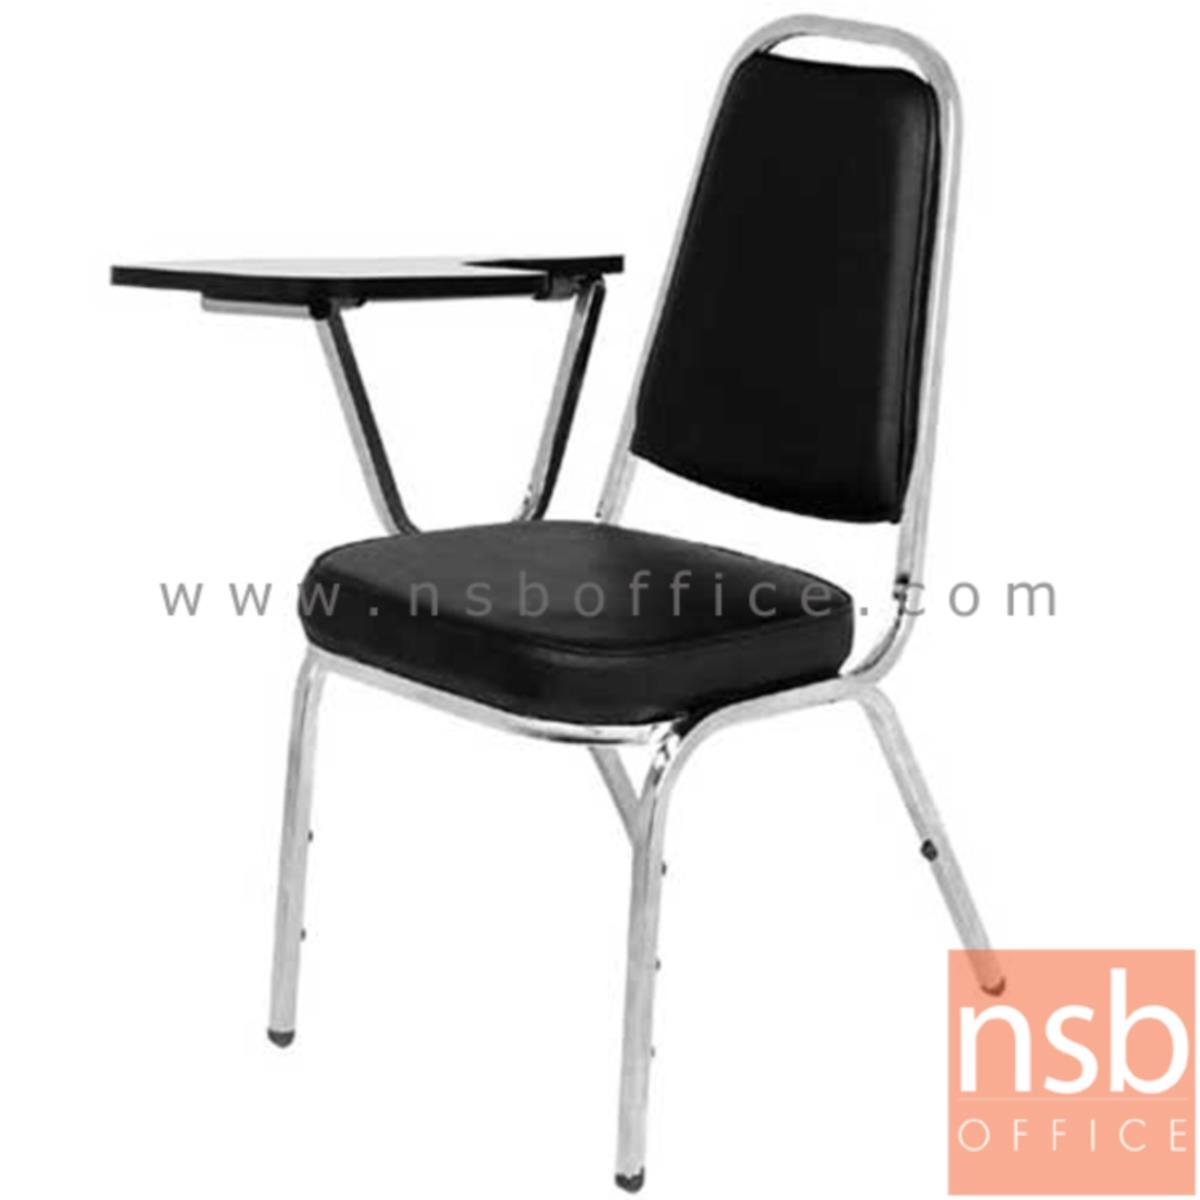 B07A004:เก้าอี้เลคเชอร์ รุ่น Calene (คาเลน) ขาเหล็กชุบโครเมี่ยมและขาเหล็กพ่นดำ